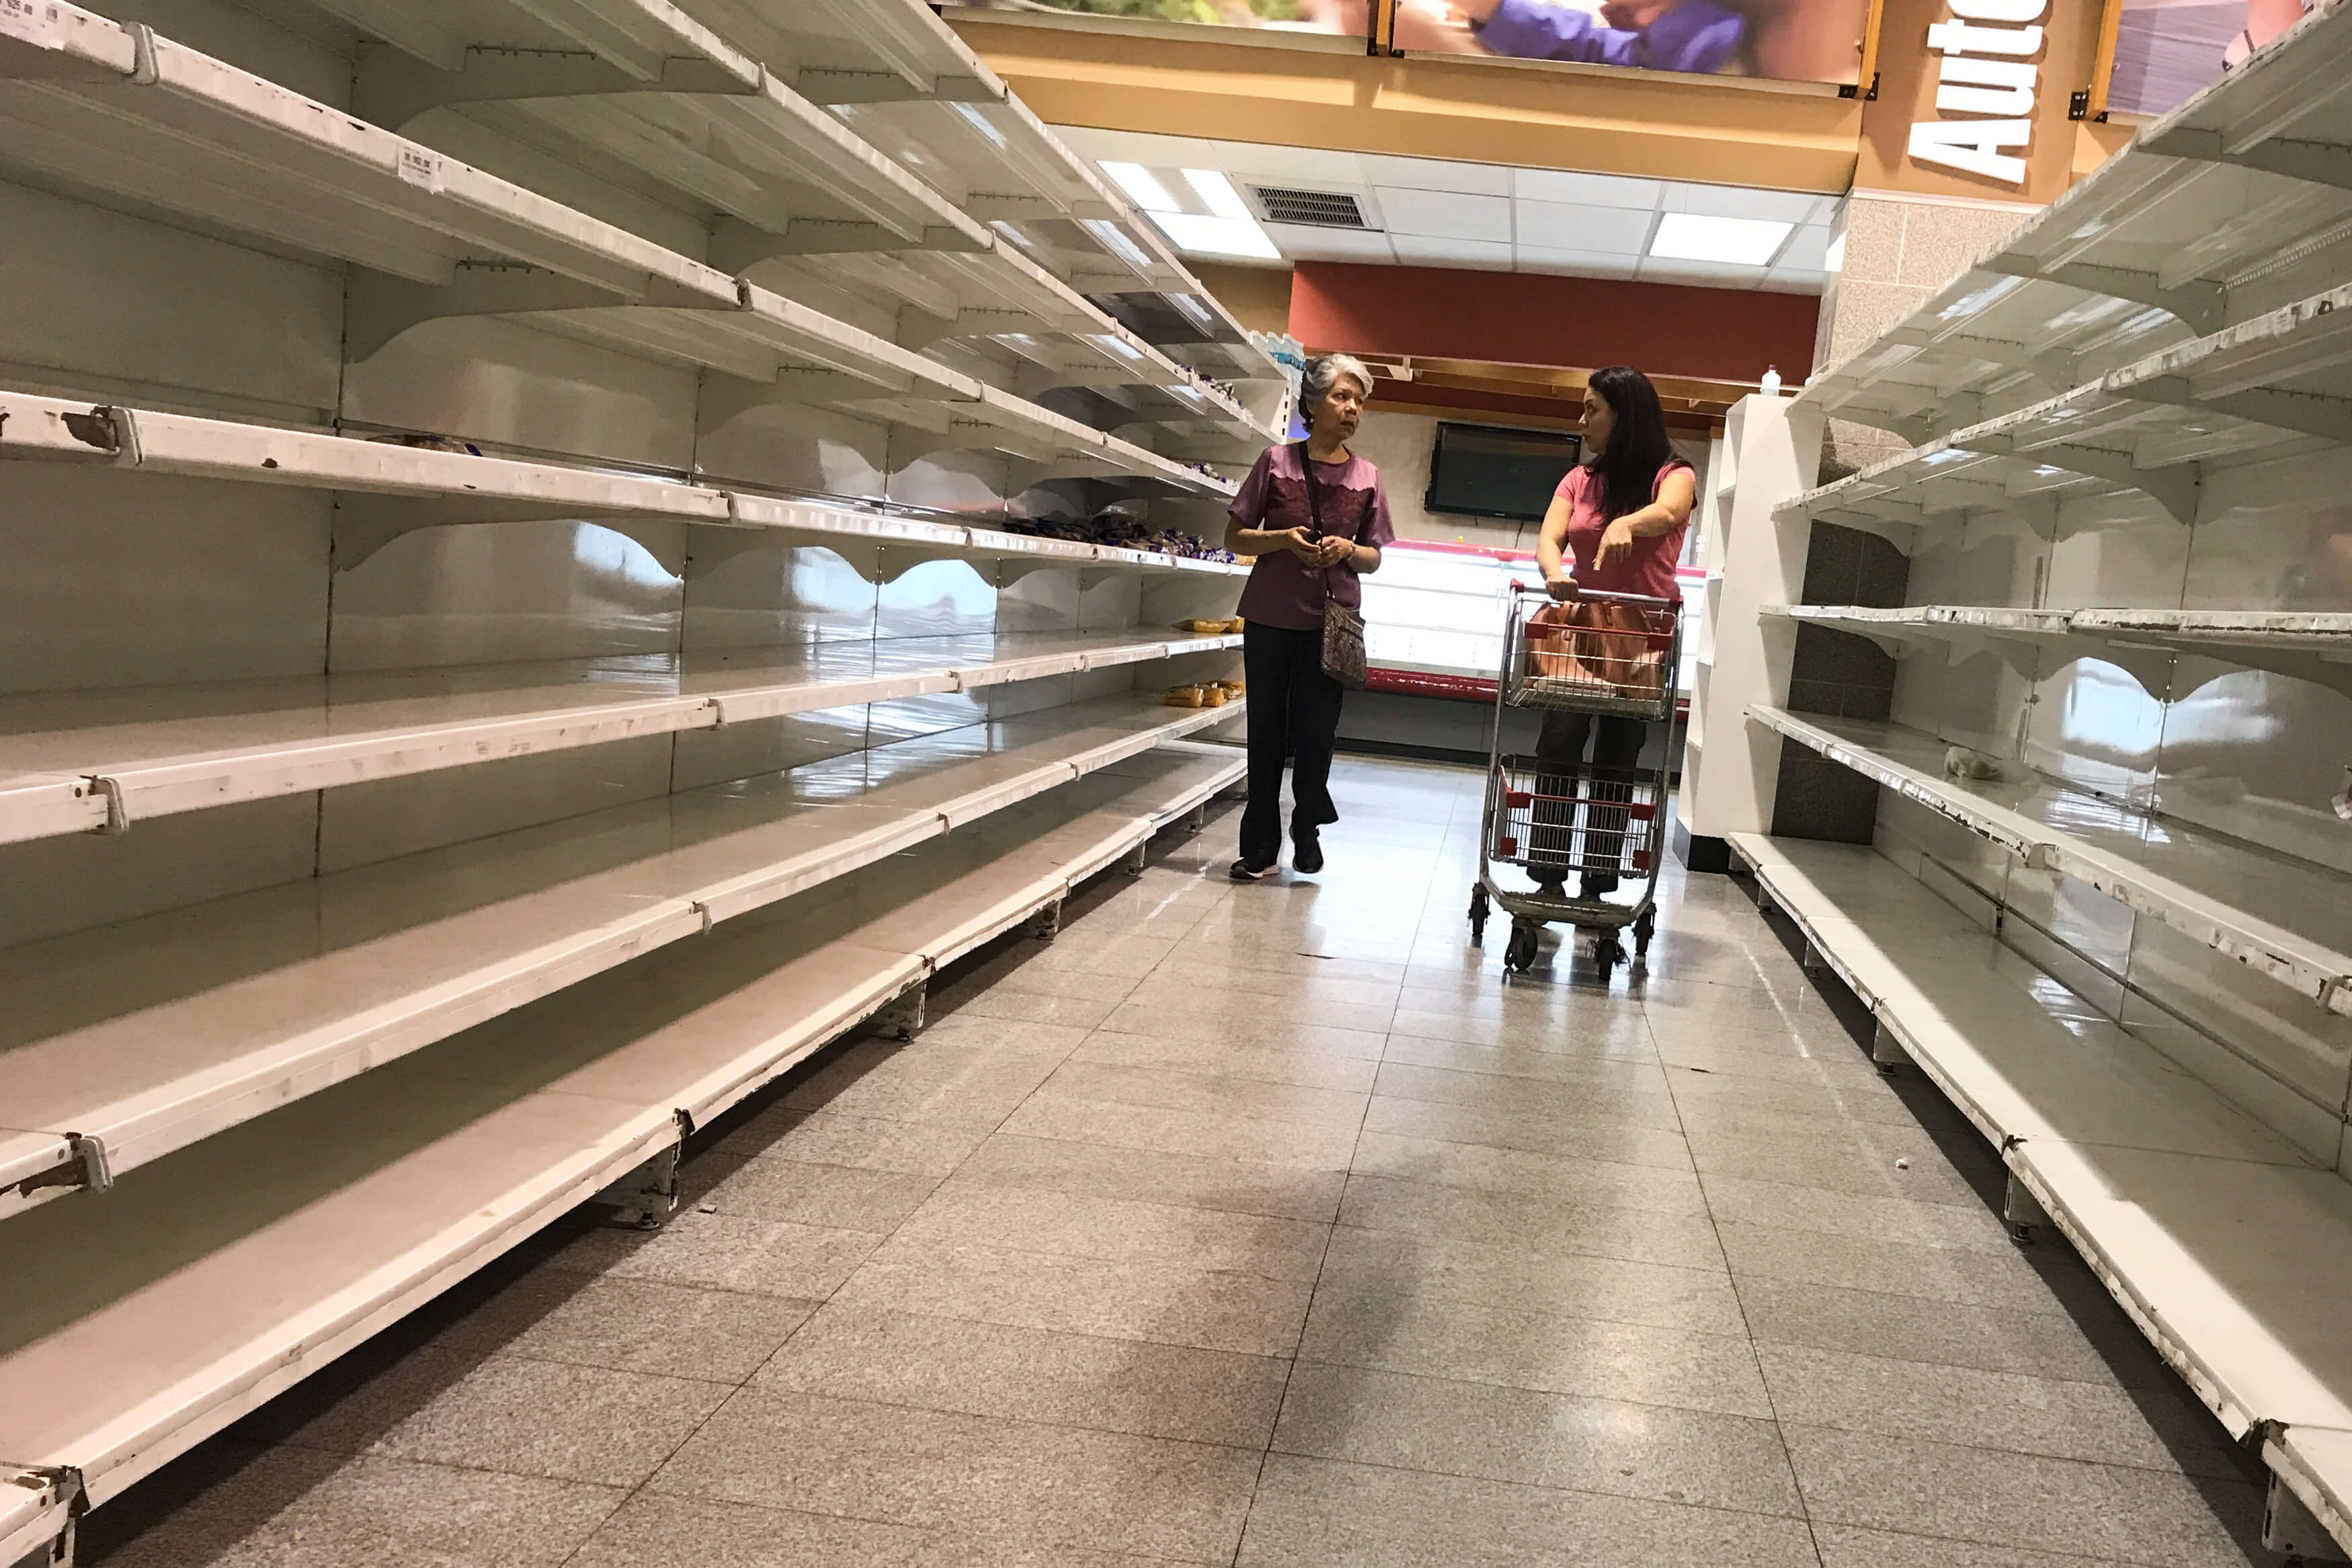 Persisten saqueos comercios falta alimentos Venezuela